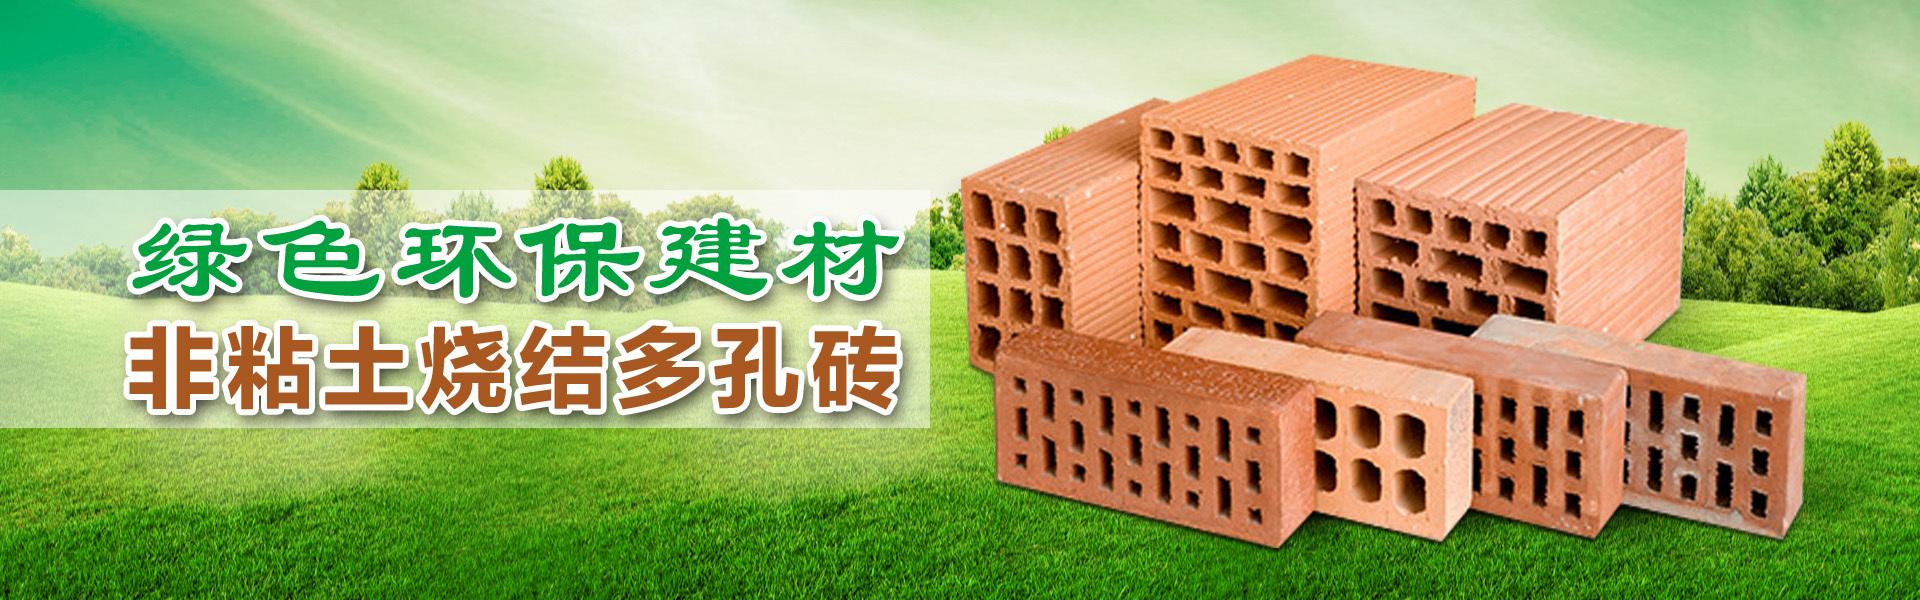 肇庆市高要区福新环保墙体材料厂专业生产烧结装饰砖、非粘土烧结多孔砖、环保墙体材料、定制空心砖!